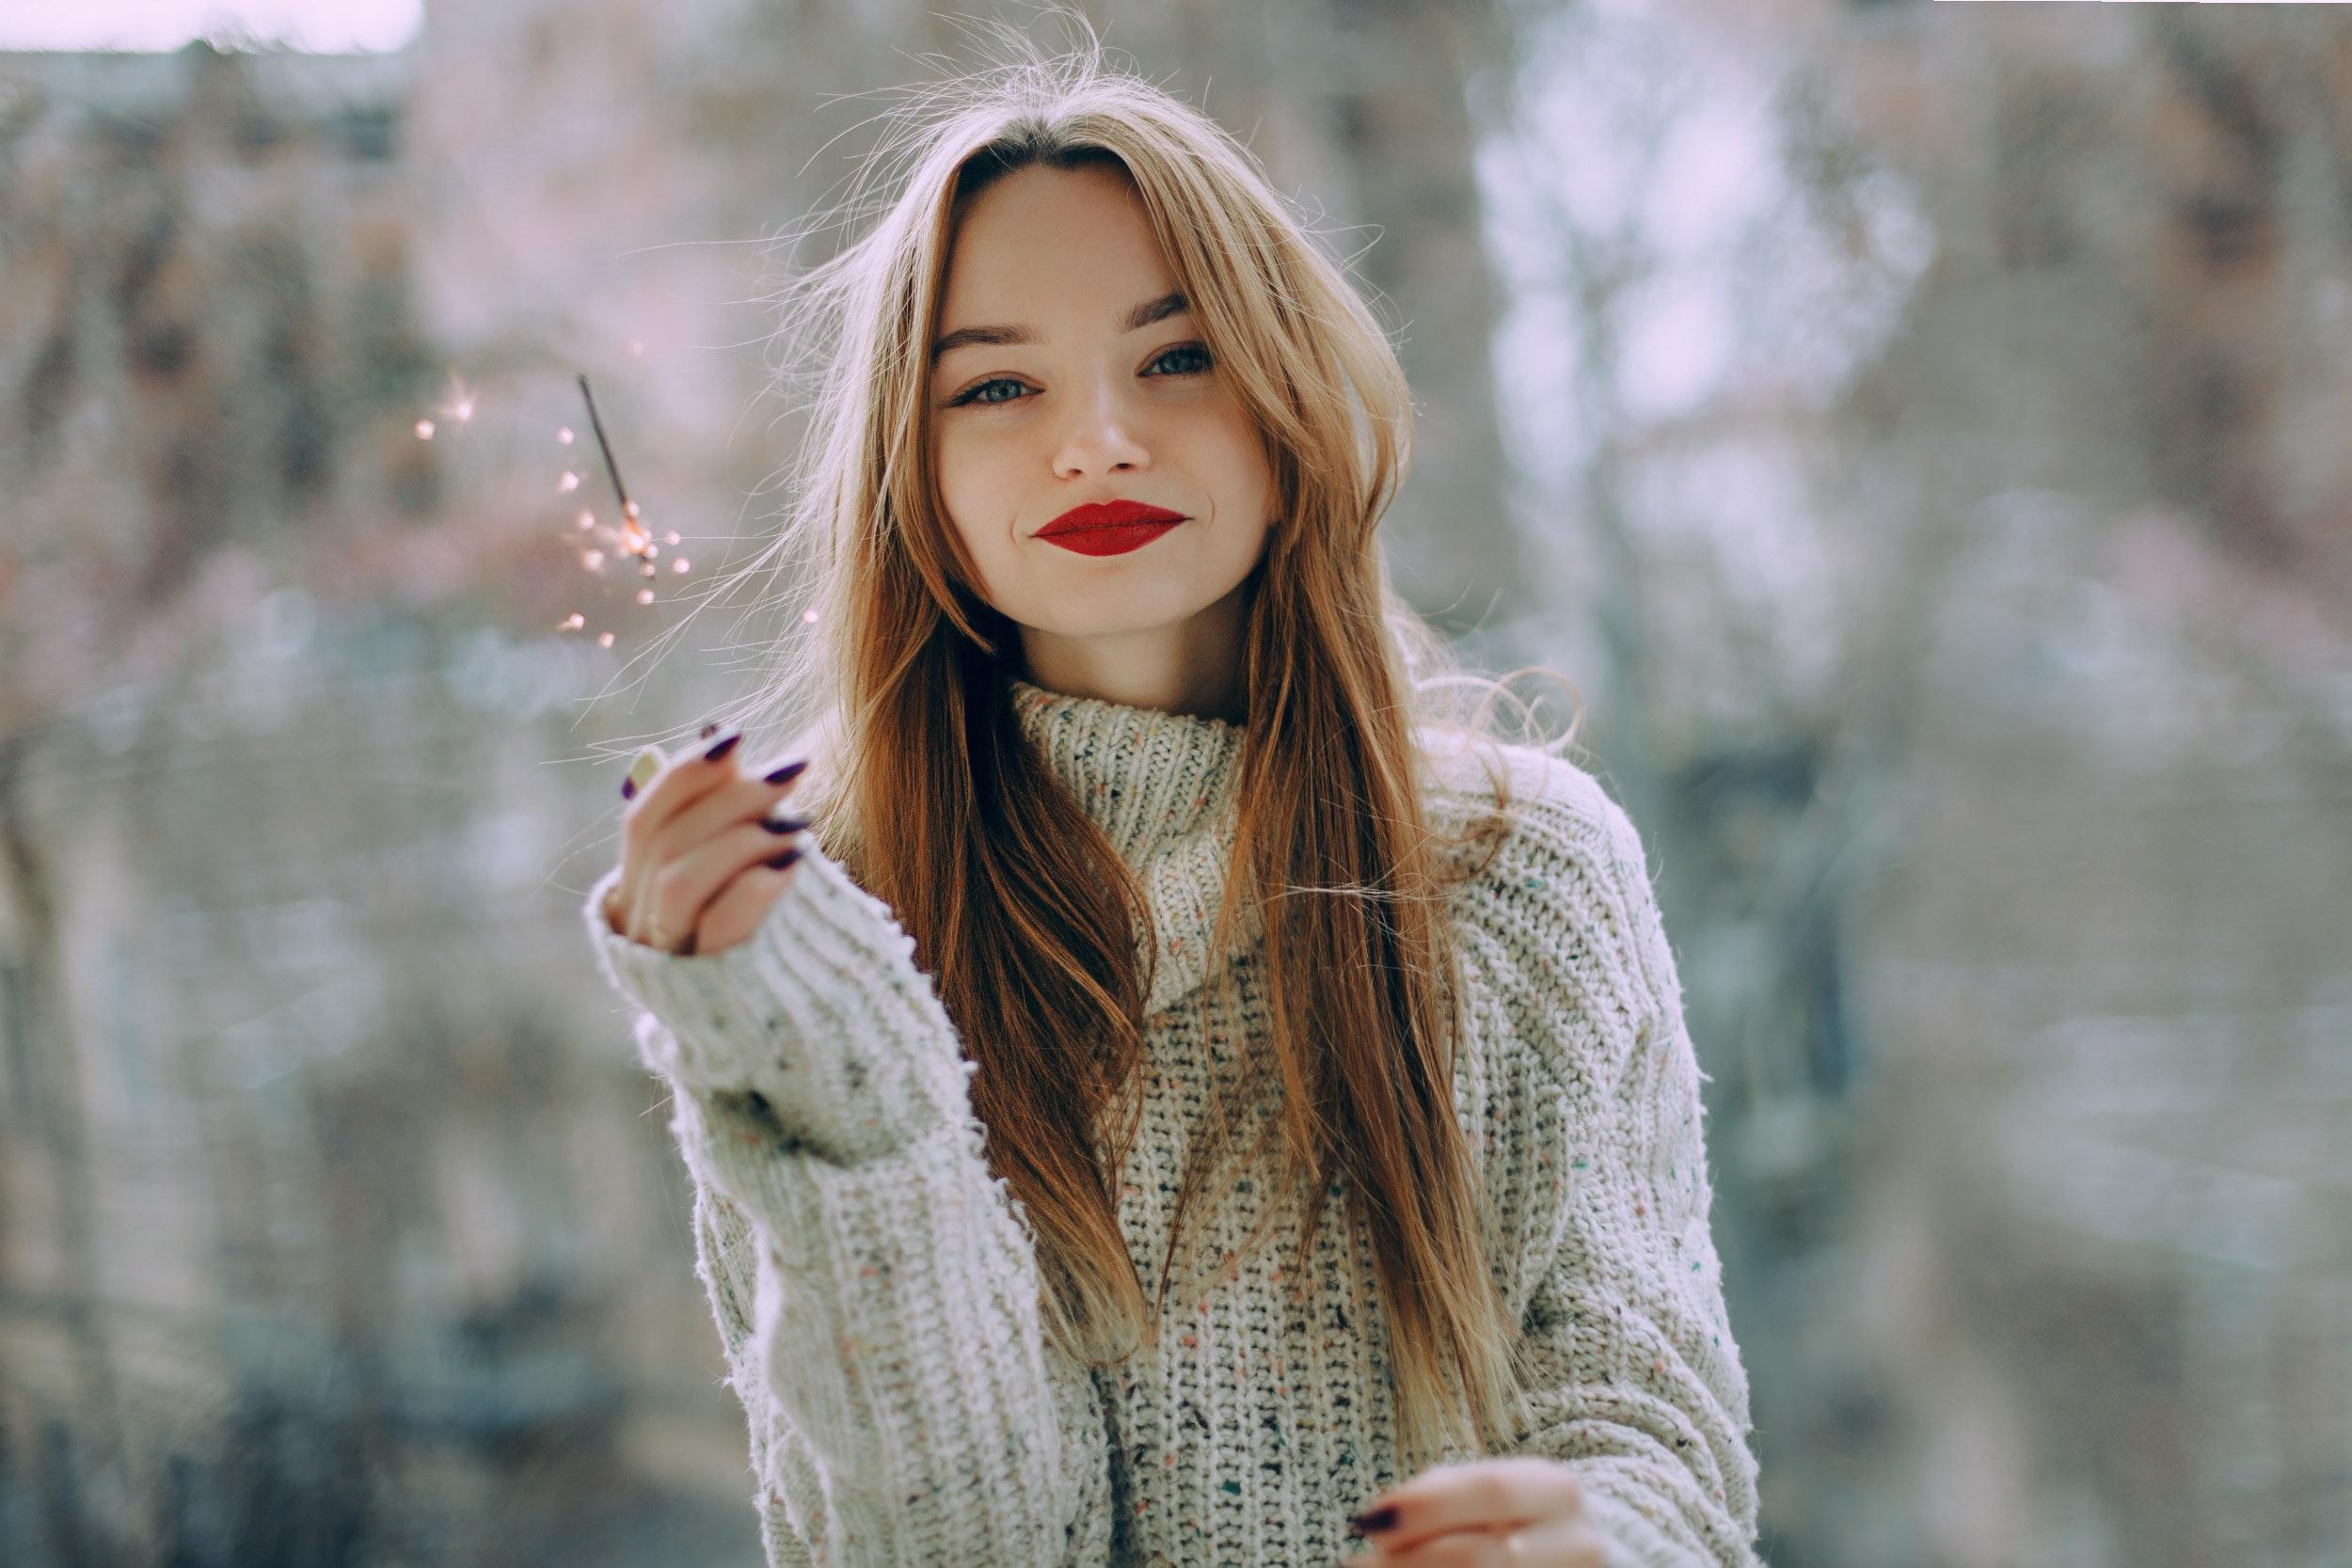 Woman Wearing Gray Mock Neck Sweater, Beautiful, Daylight, Face, Fashion, HQ Photo